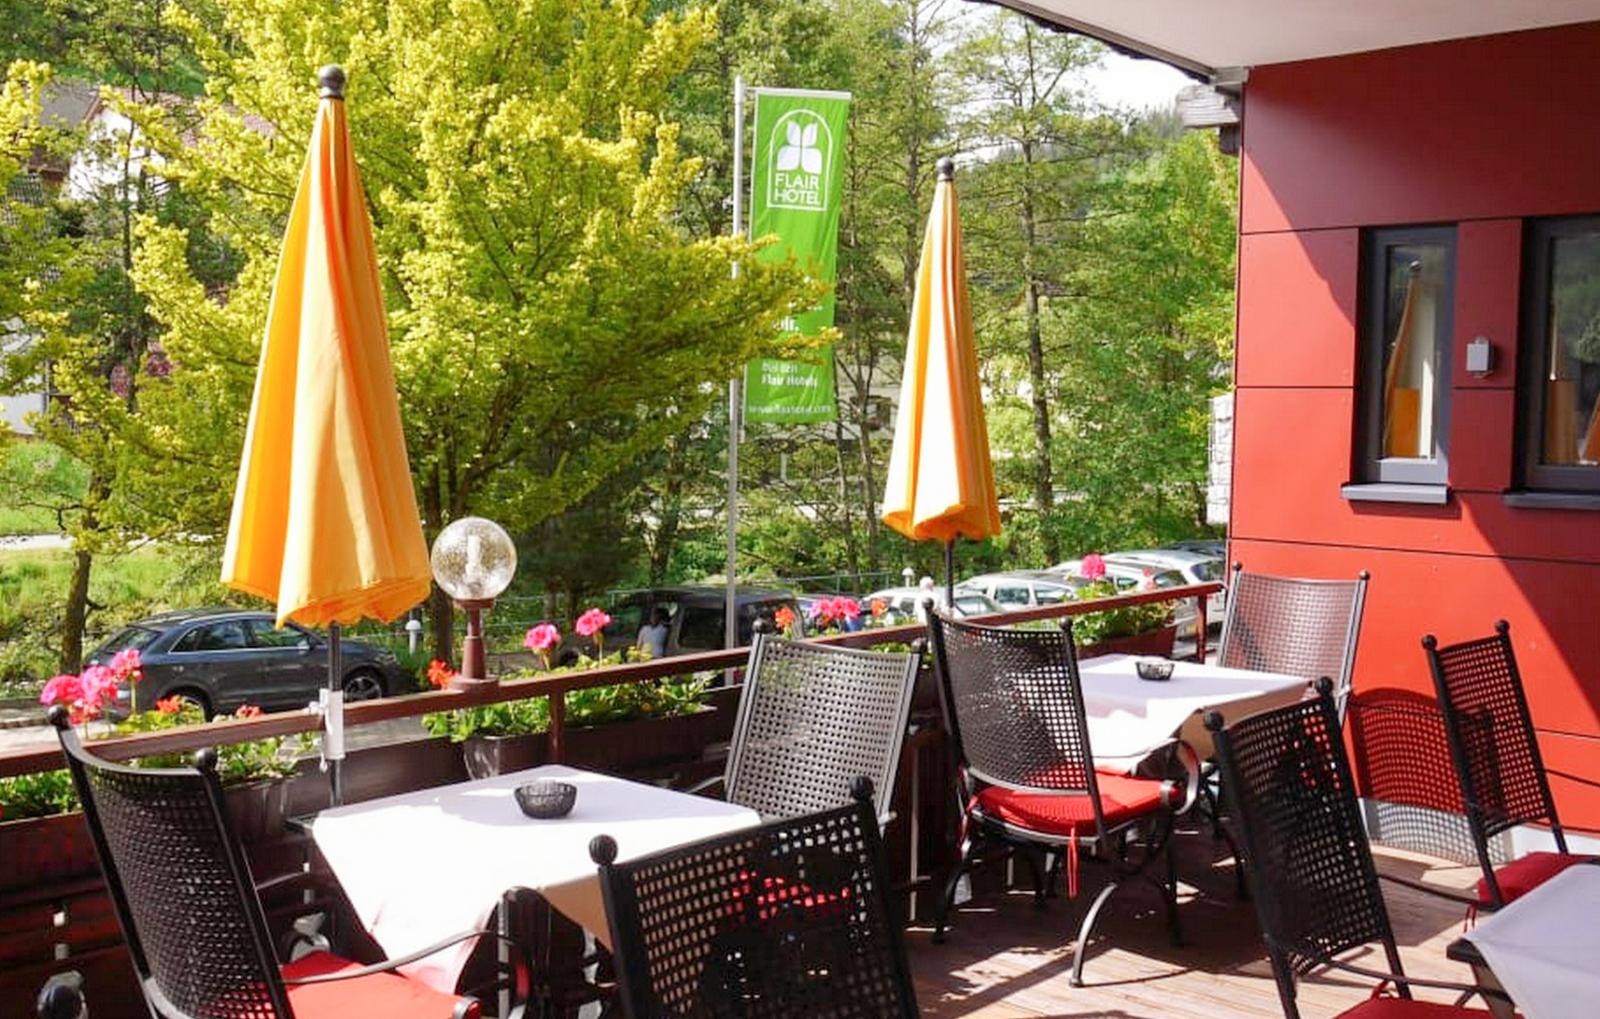 kurzurlaub-im-schwarzwald-2-uen-2-personen-bg4